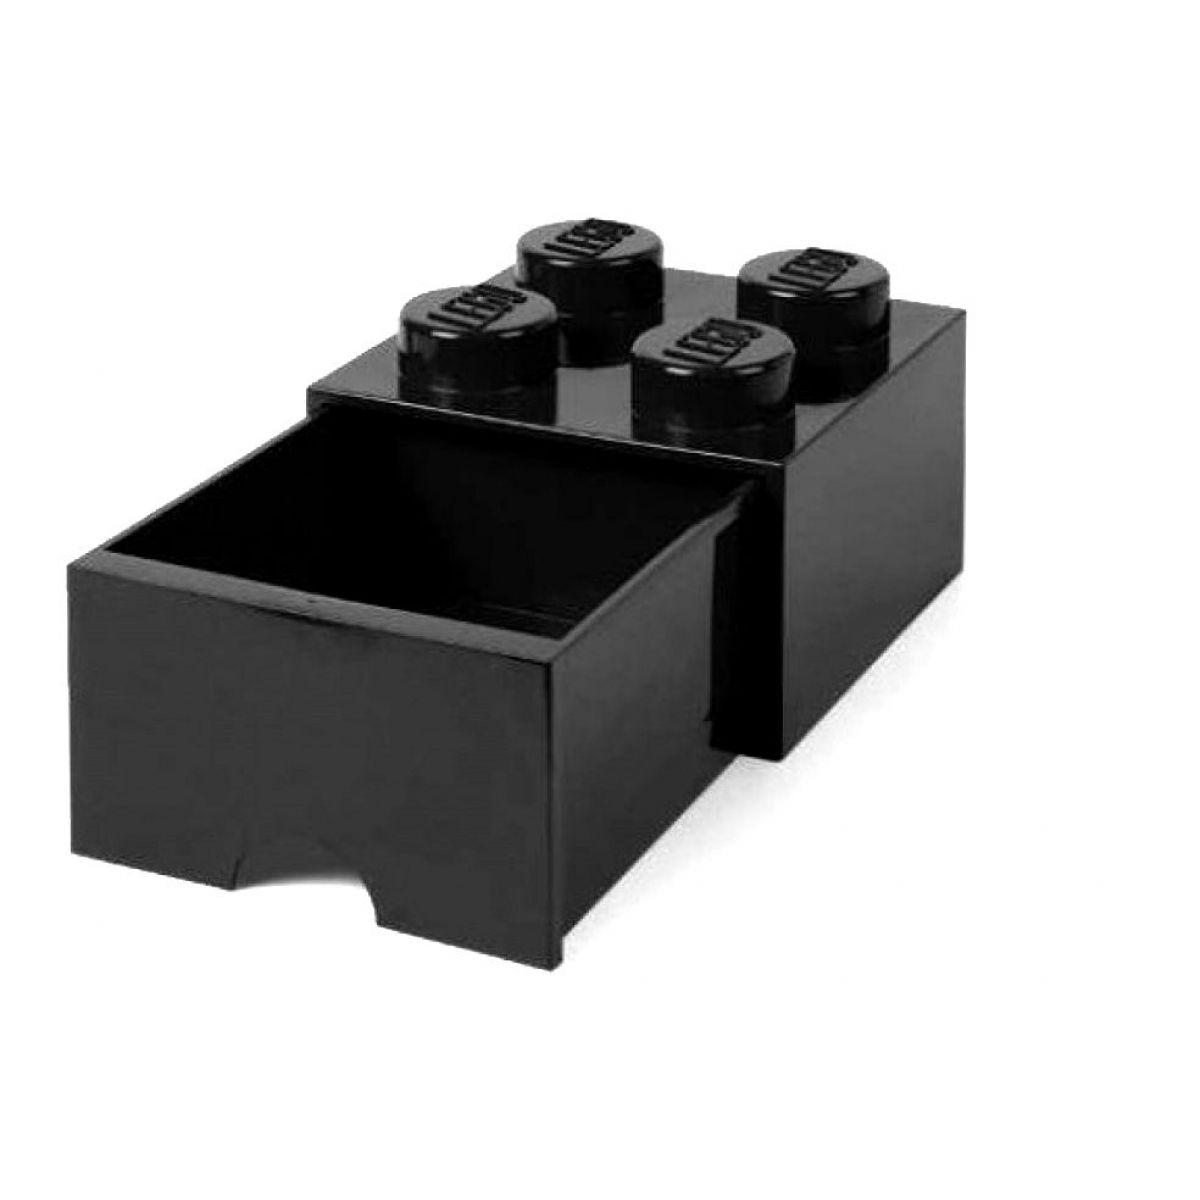 LEGO úložný box 4 s šuplíkem černá